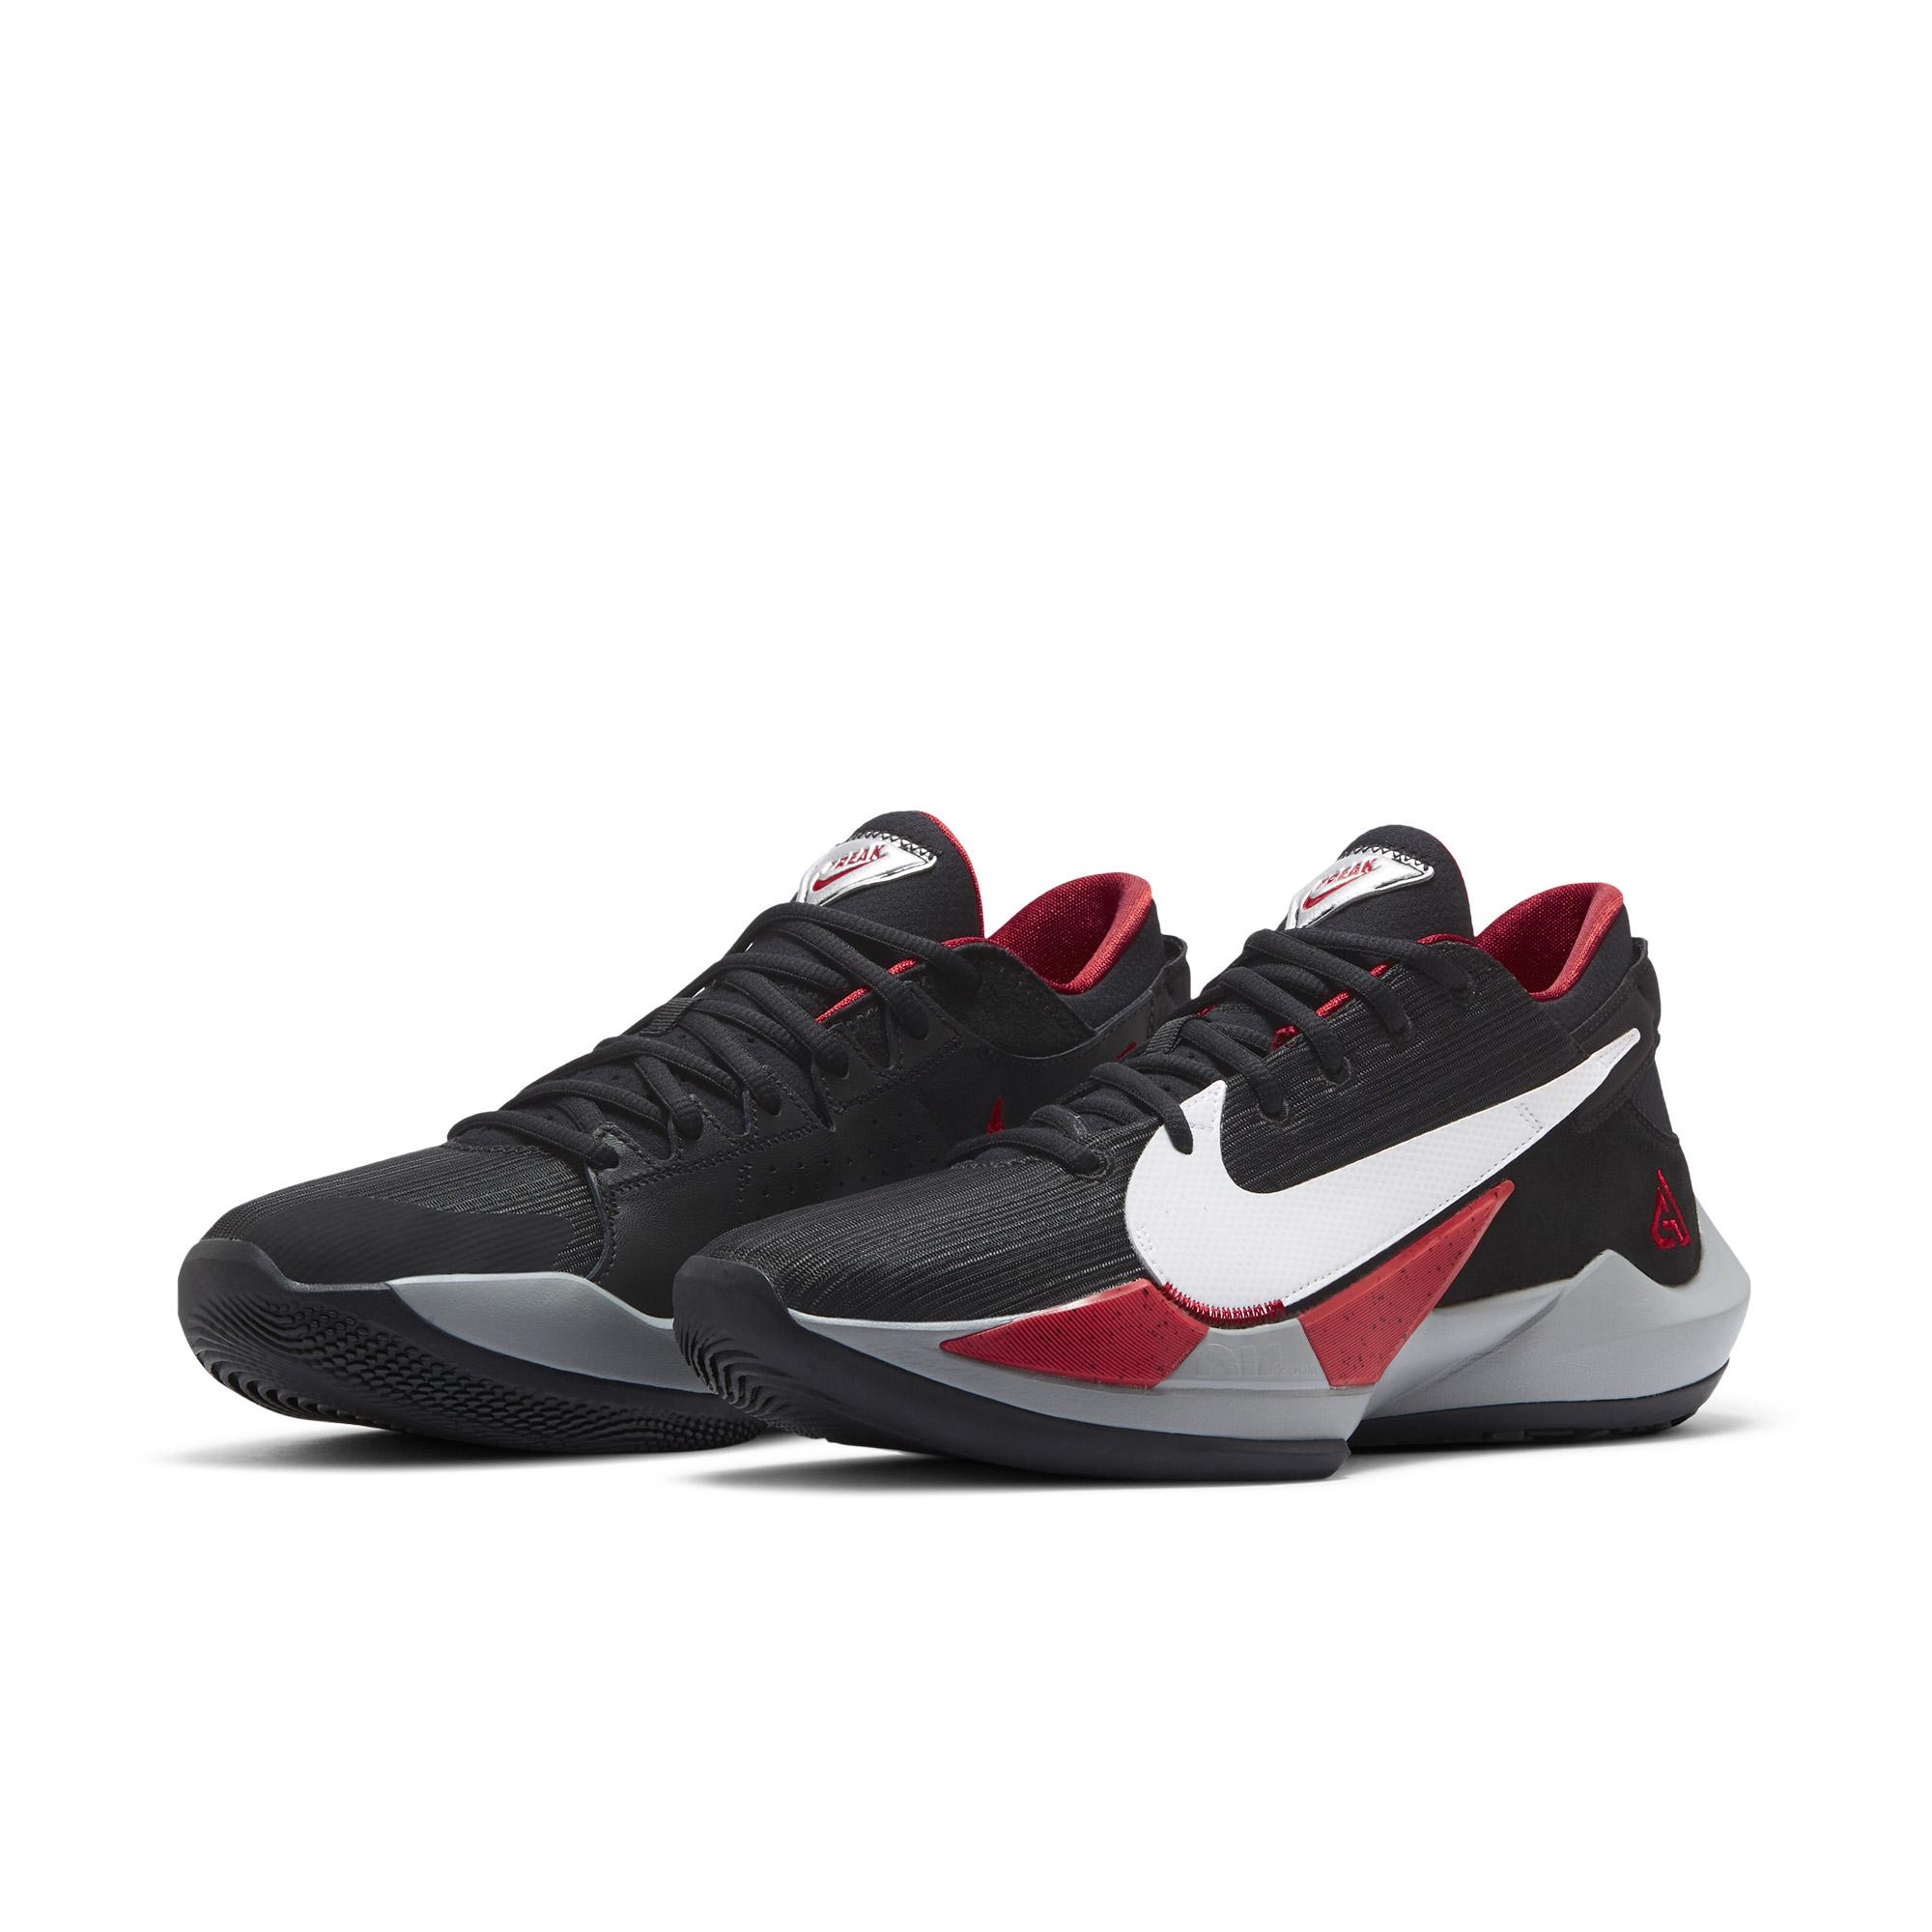 20日0点 : NIKE 耐克 CK5825 ZOOM FREAK 2 EP 字母哥 男款篮球鞋